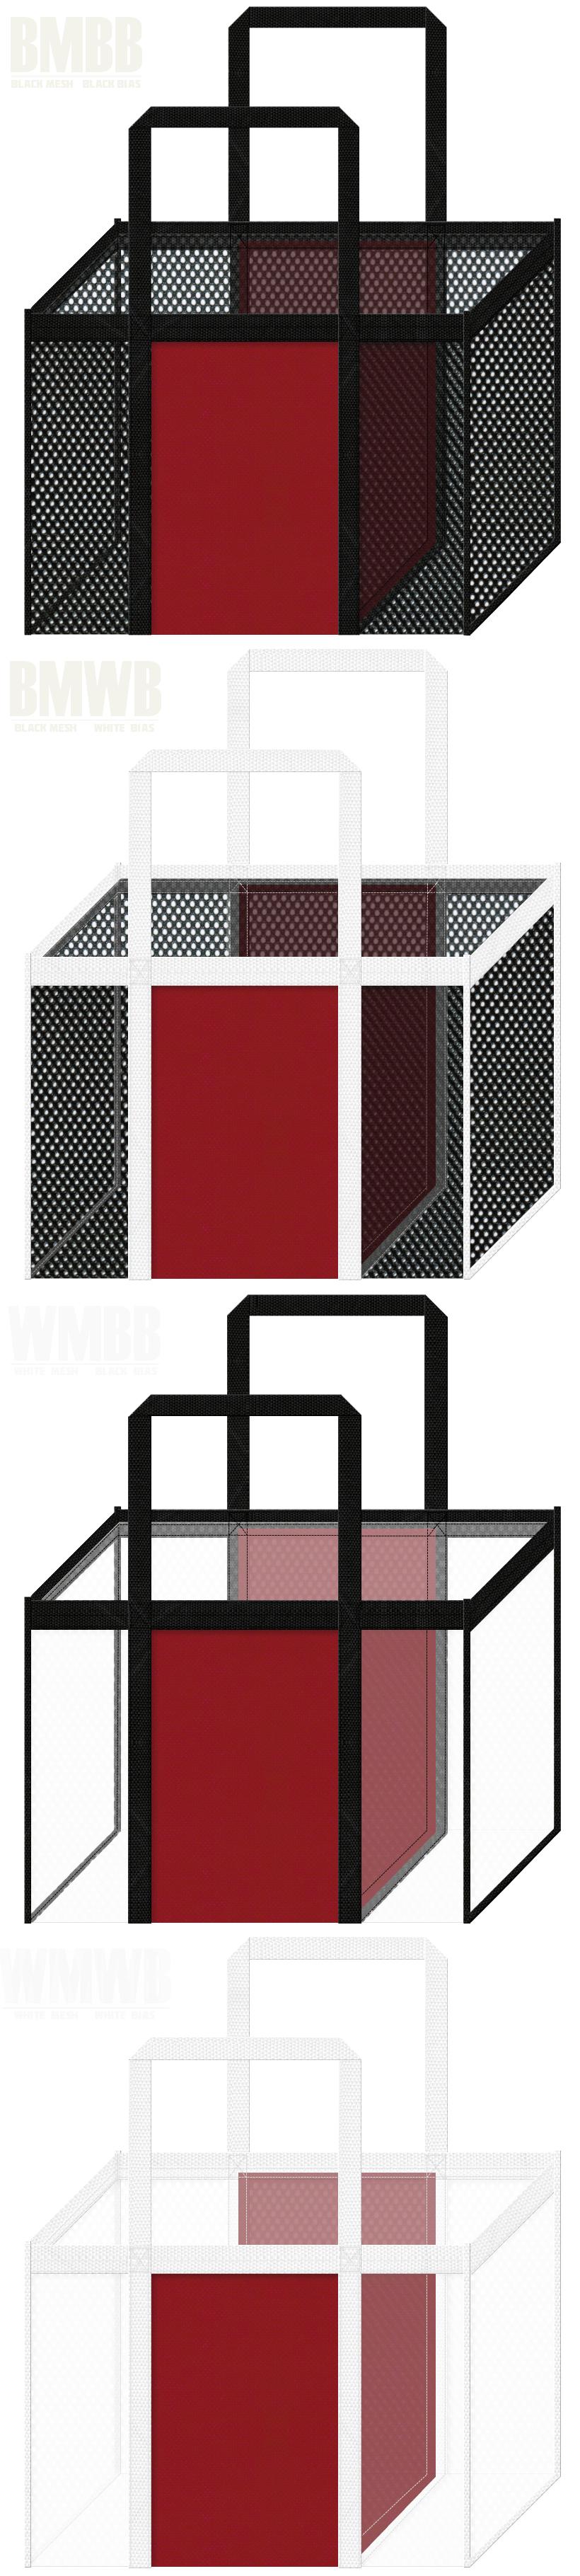 角型メッシュバッグのカラーシミュレーション:黒色・白色メッシュとエンジ色不織布の組み合わせ